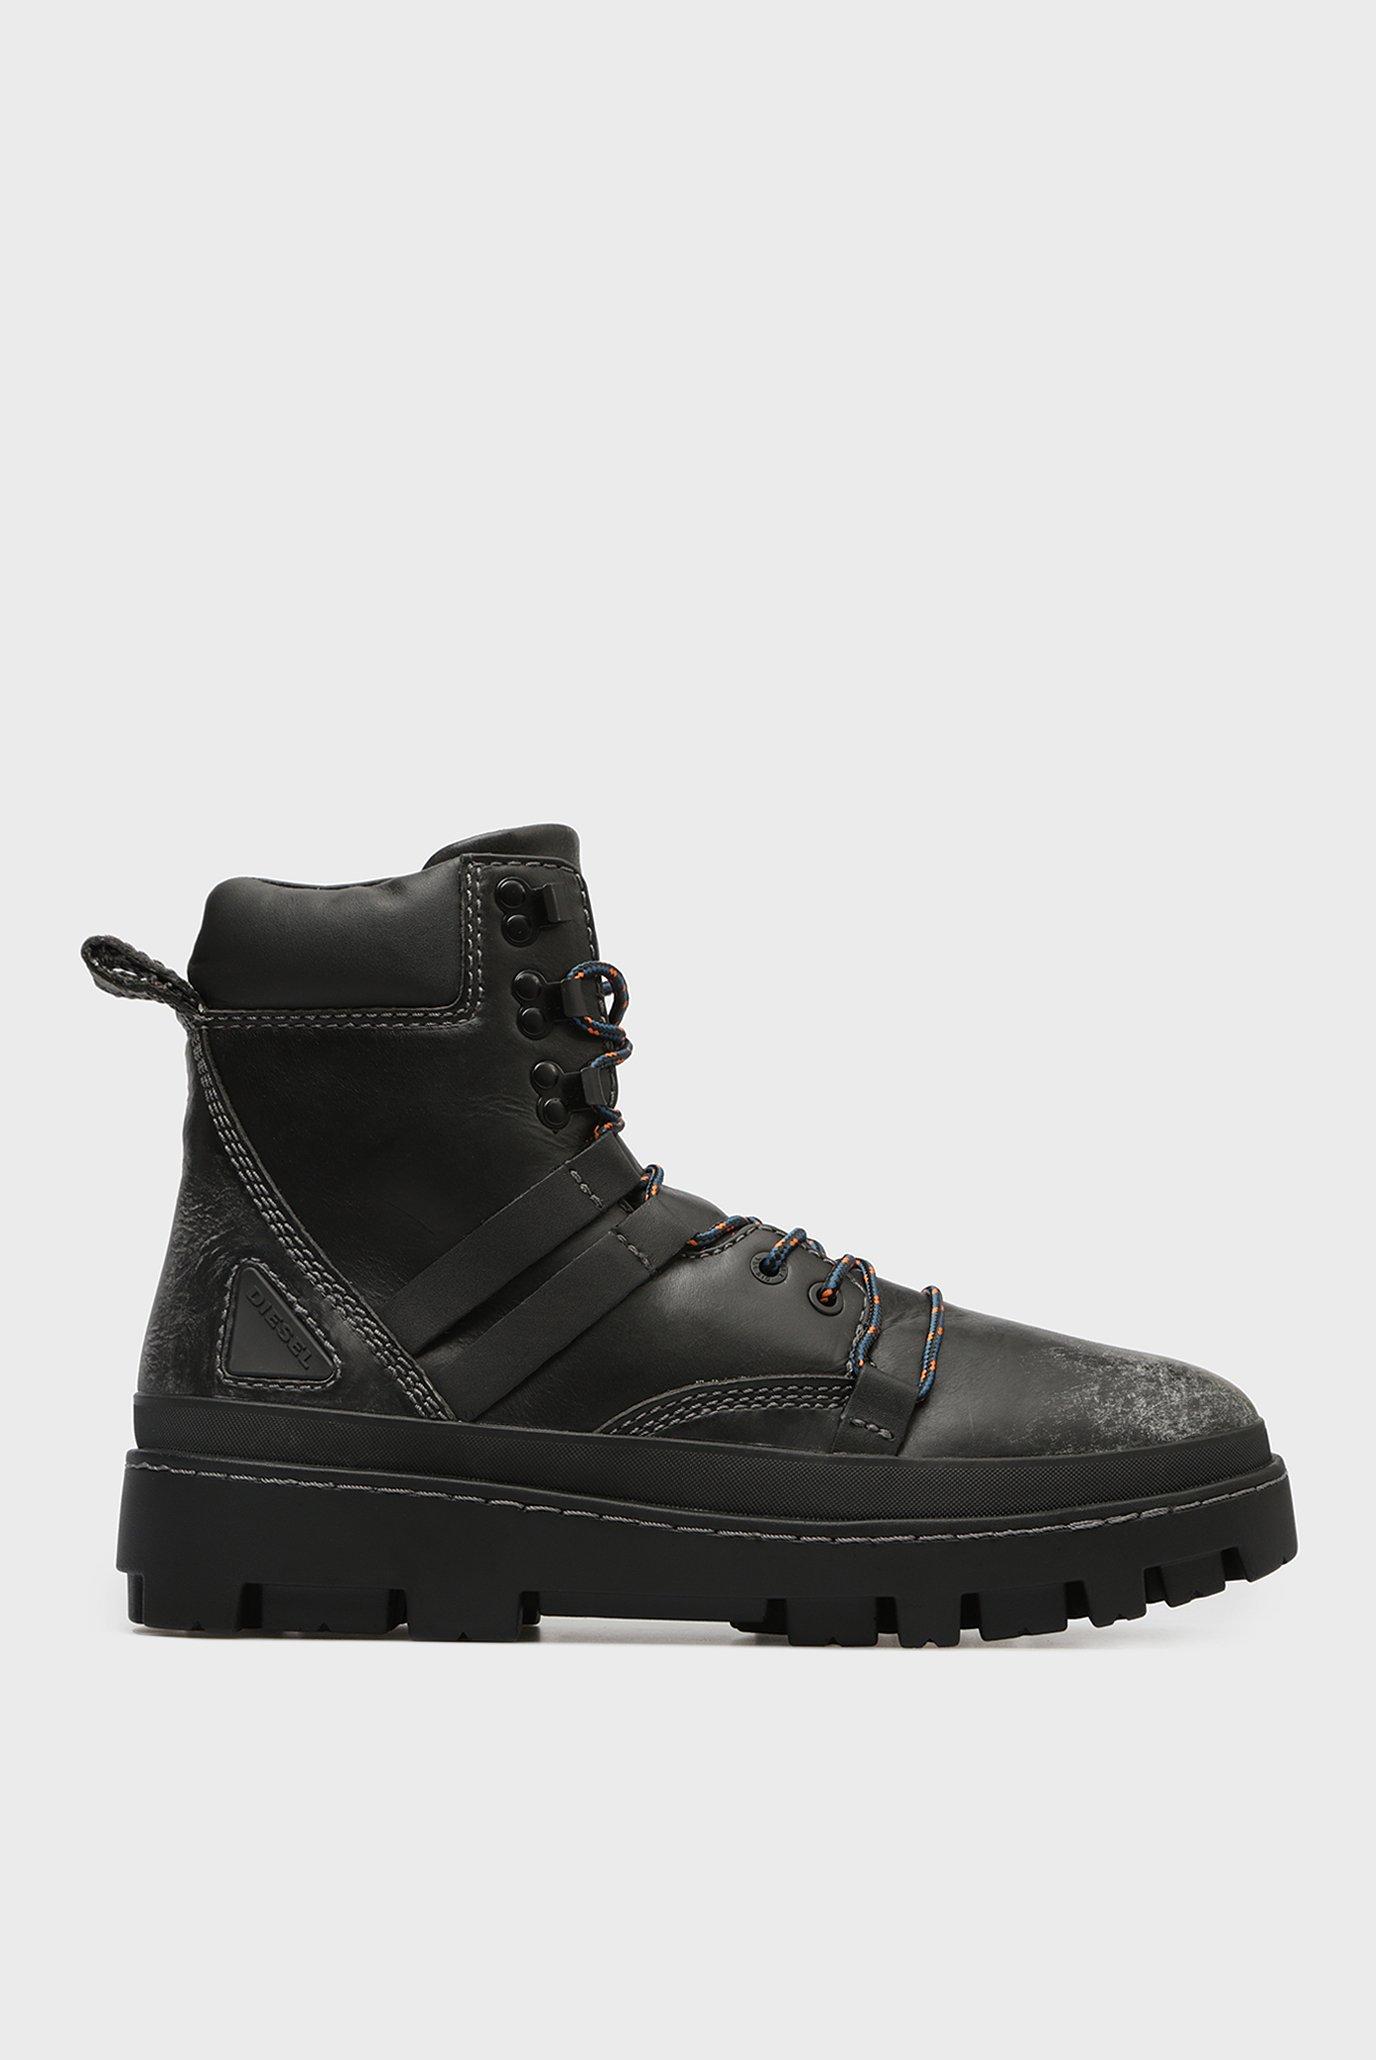 Купить Мужские черные кожаные ботинки 80S VIBE Diesel Diesel Y01818 P0134 – Киев, Украина. Цены в интернет магазине MD Fashion